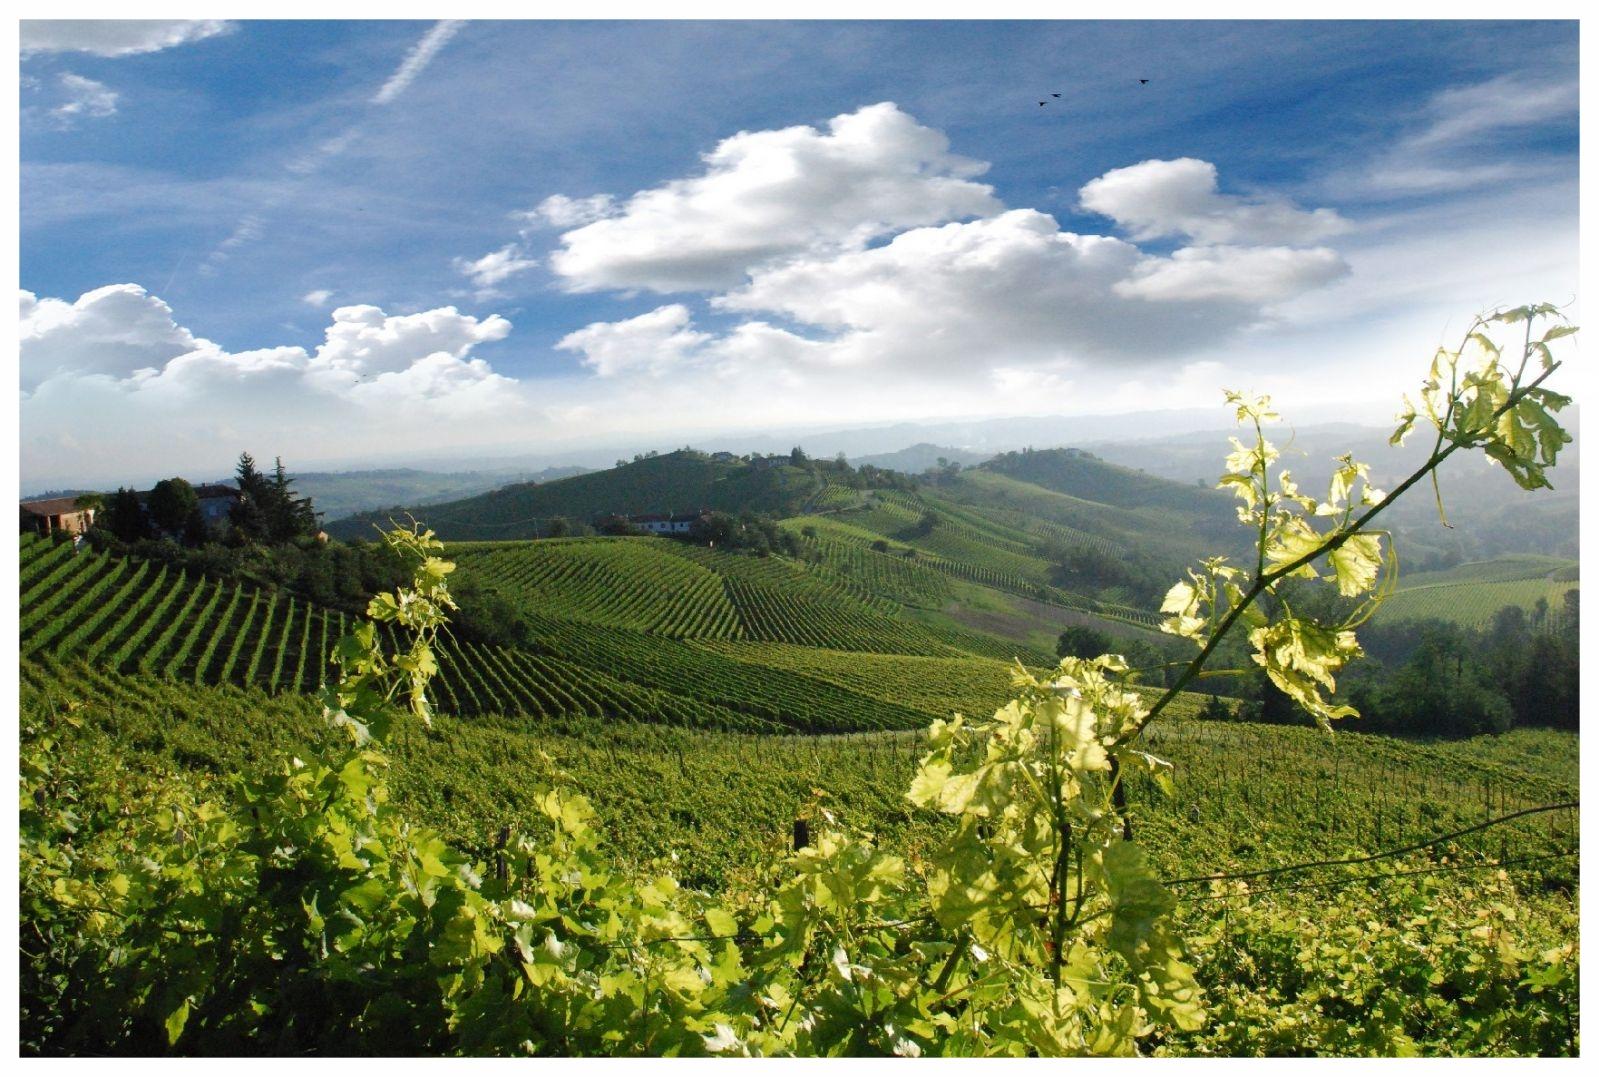 niella belbo piemonte cuneo langhe roero turismo visita tour percorsi itinerari cosa vedere monferrato.jpg